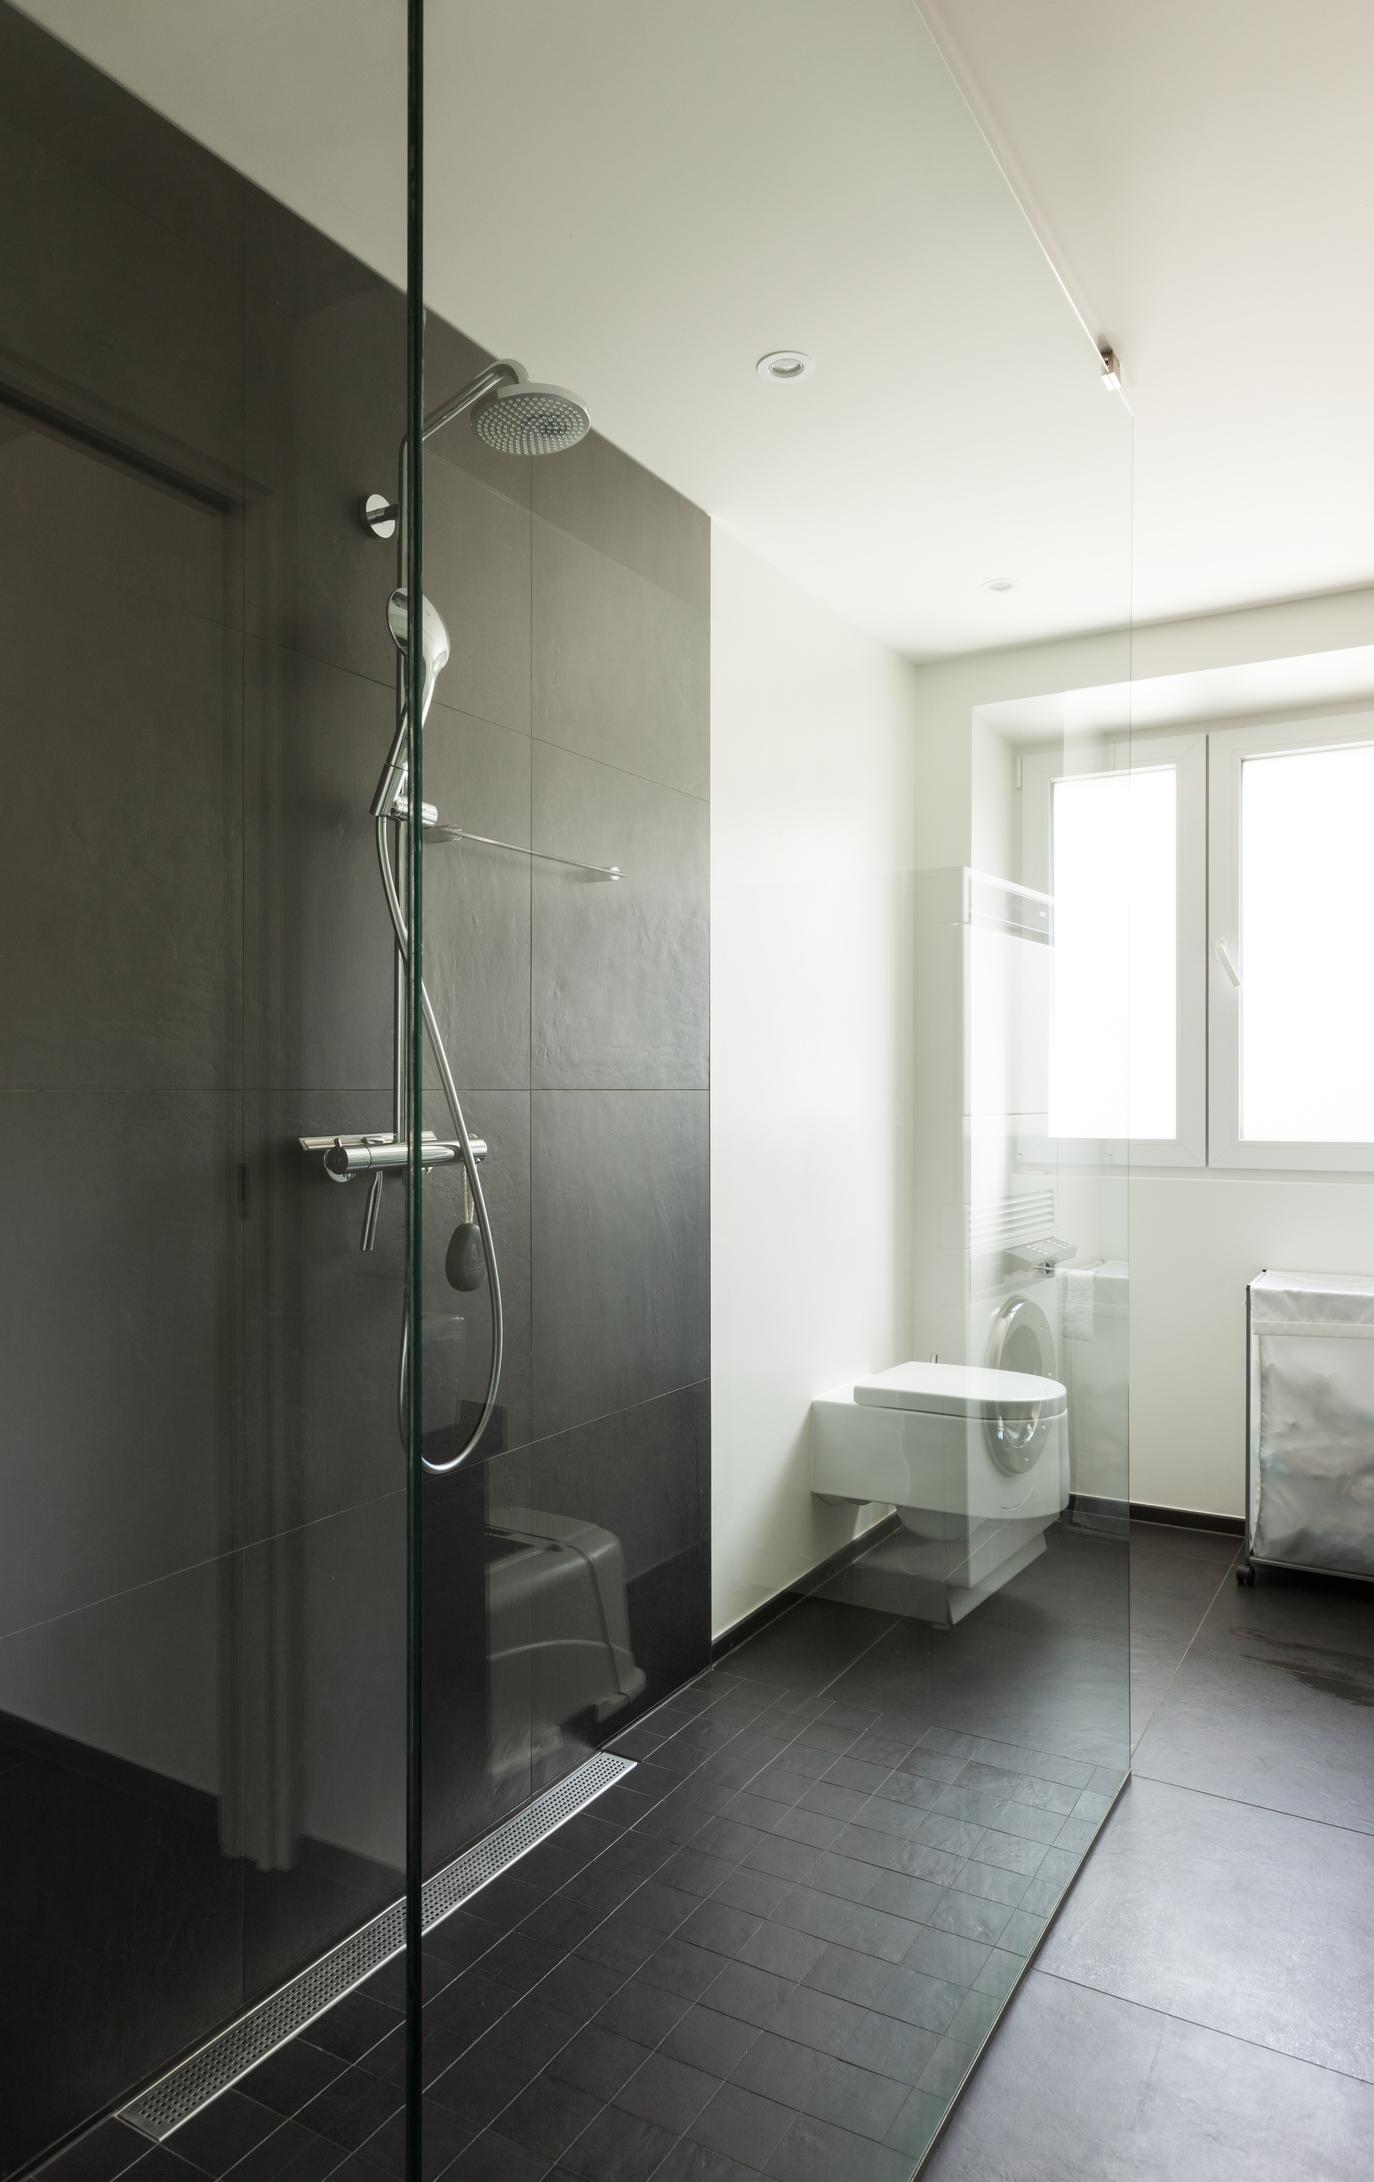 Nuove idee e consigli per progettare e arredare un bagno piccolo - Idee box doccia ...